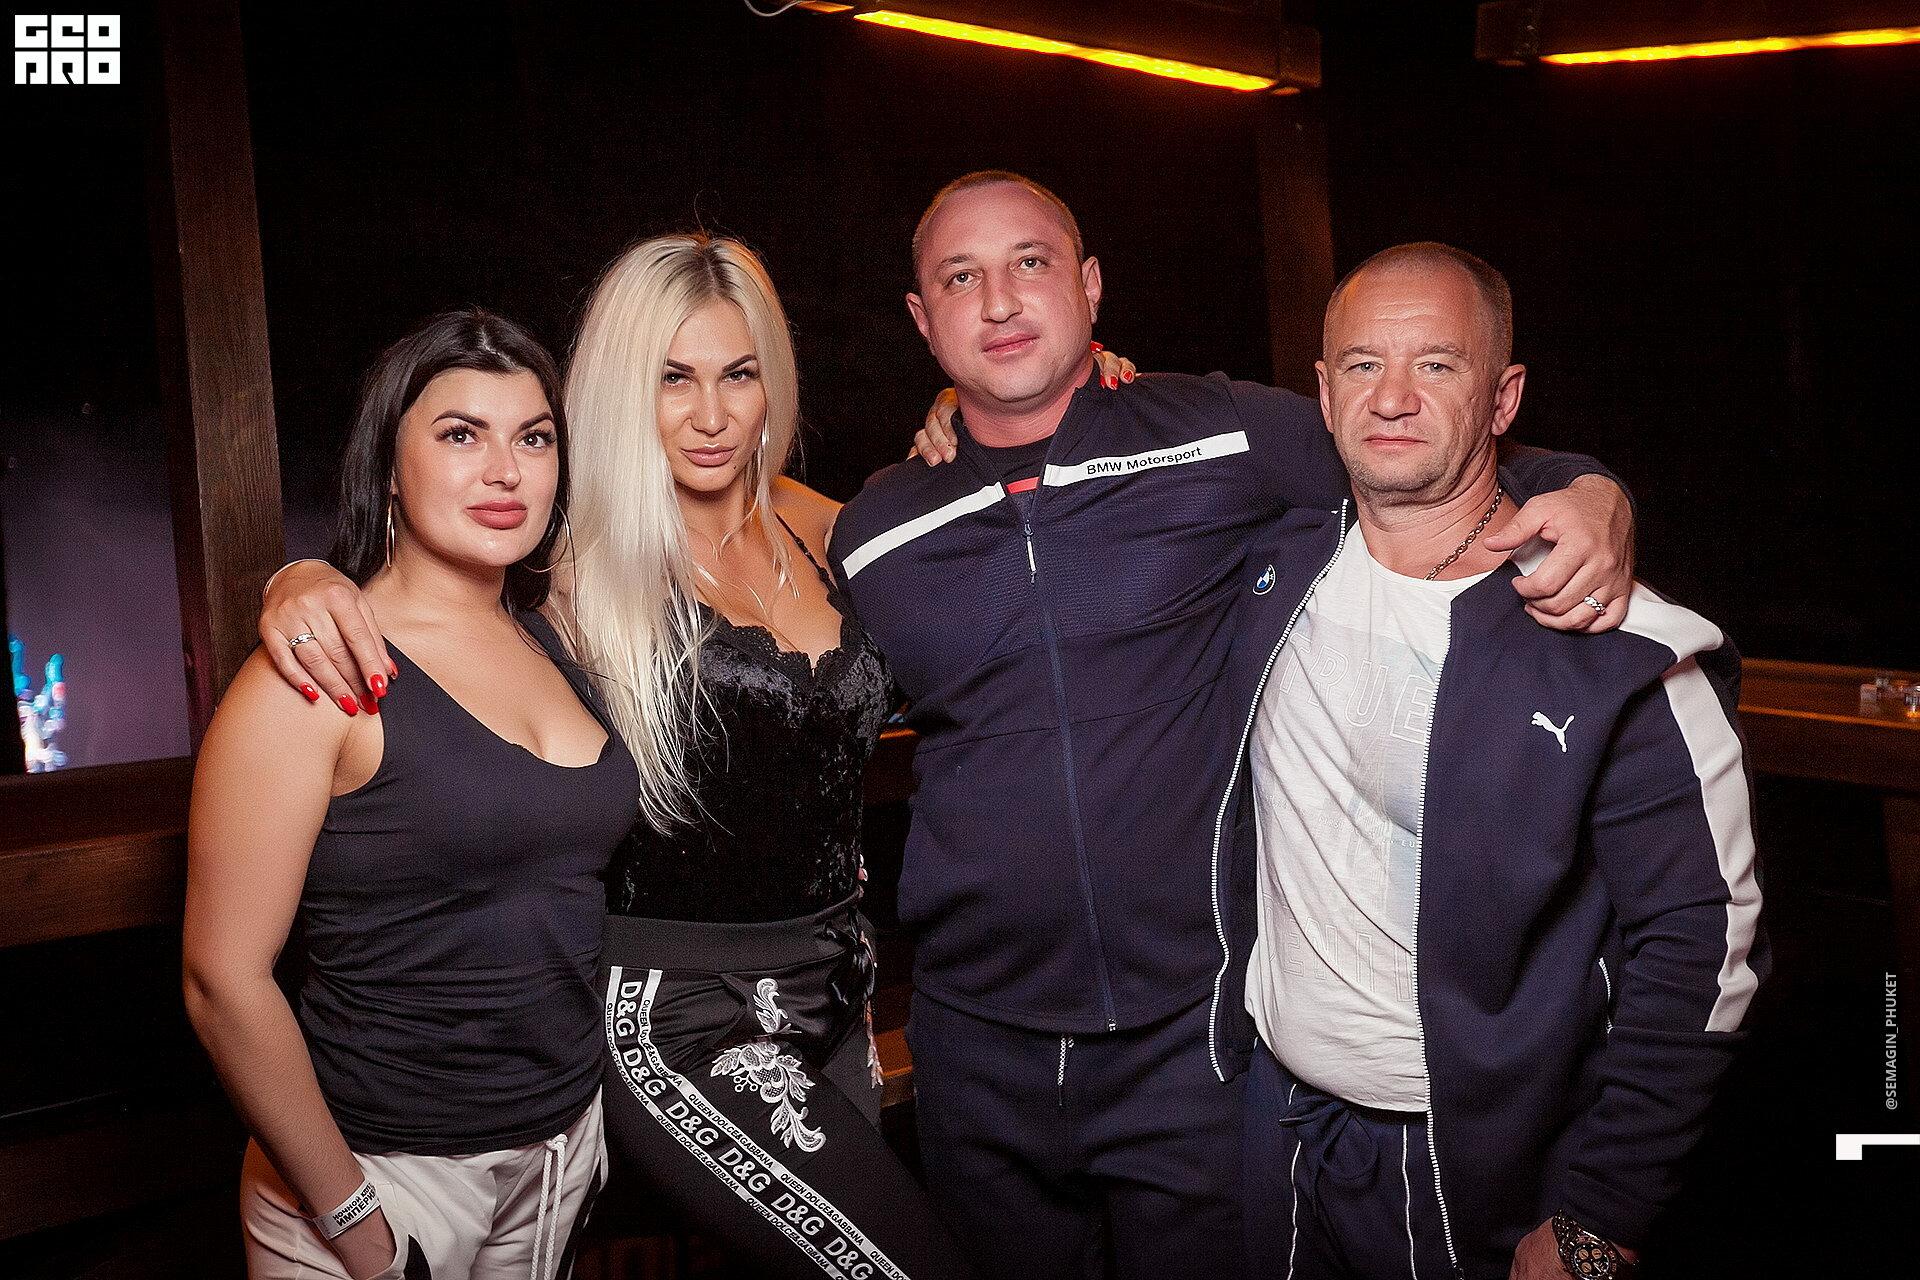 Репортажи из ночных клубов ночные клубы в марьино на братиславской и люблино